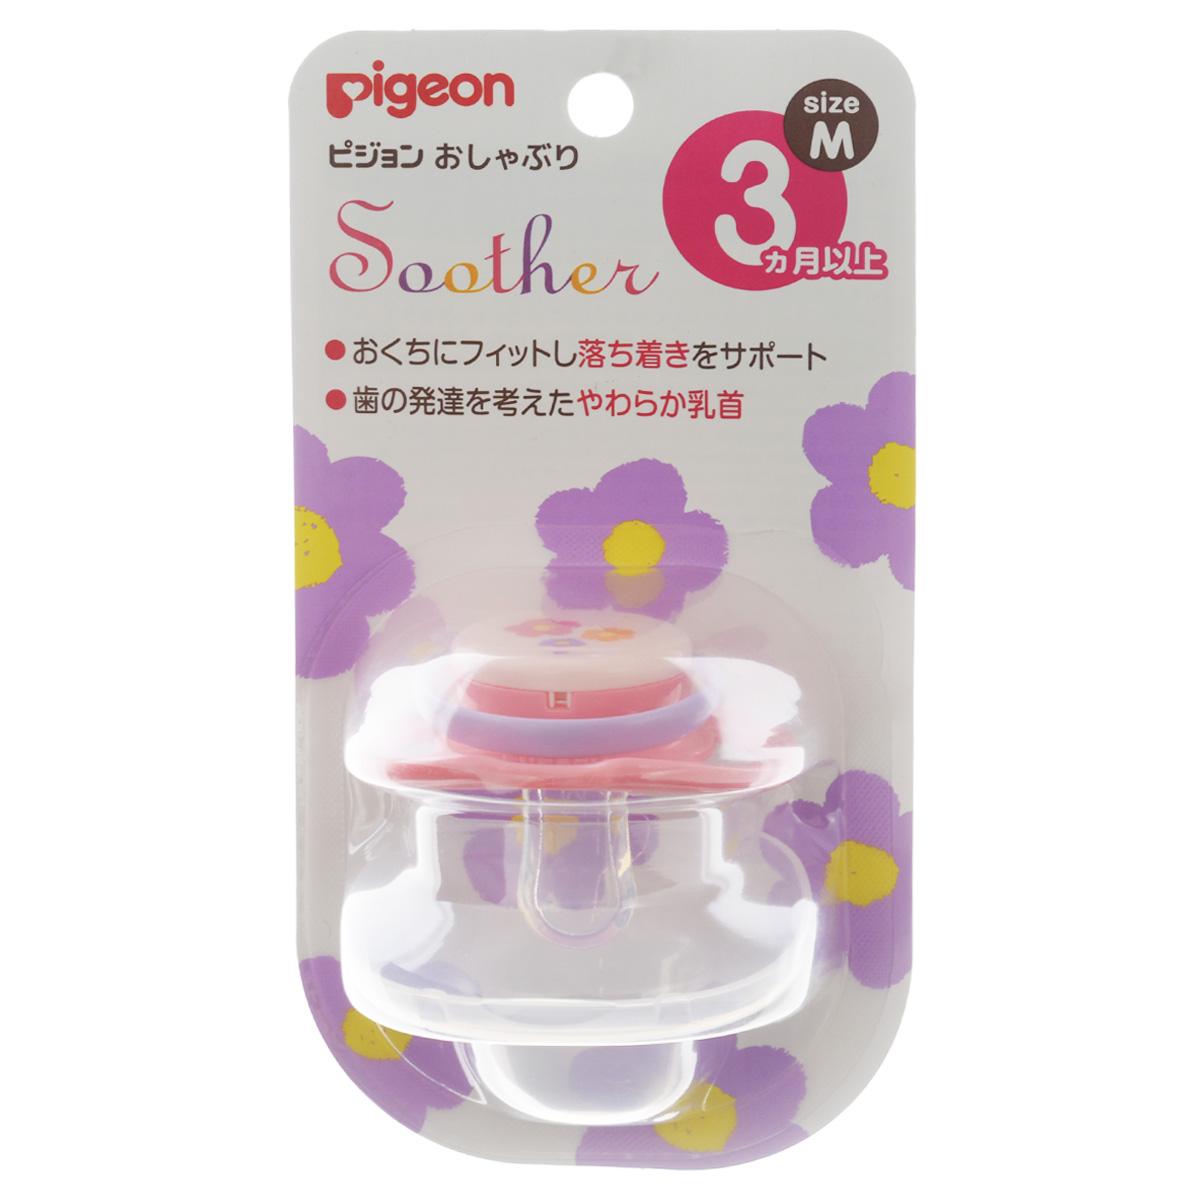 Пустышка силиконовая Pigeon Цветочек, цвет: розовый. Размер M, от 3 месяцев334905301Пустышка Pigeon Цветочек, снабженная традиционным ограничителем с кольцом, прекрасно сочетается с сосательной ямкой во рту малыша и не препятствует естественным сосательным движениям. Мягкая пустышка, выполненная из силикона, не имеющего вкуса и запаха, не оказывает негативного влияния на формирование прикуса и зубов. Загубник выполнен из полипропилена и оснащен вентилируемыми отверстиями. В комплект с соской входит футляр.